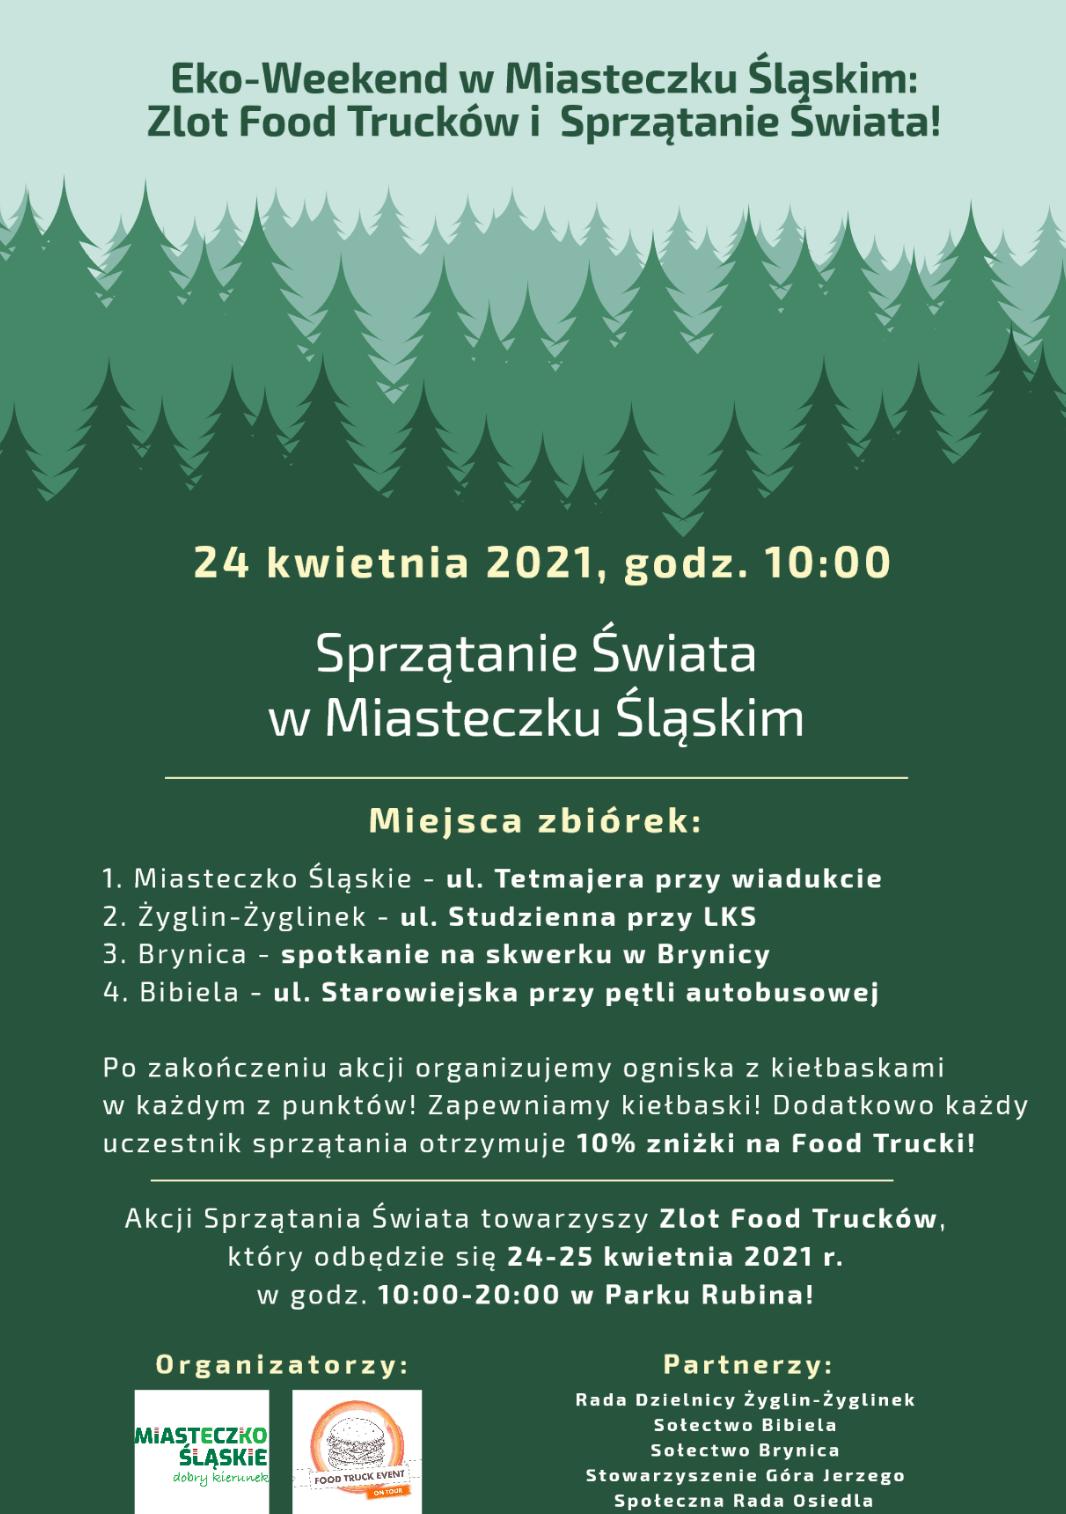 Eko-Weekend w Miasteczku Śląskim